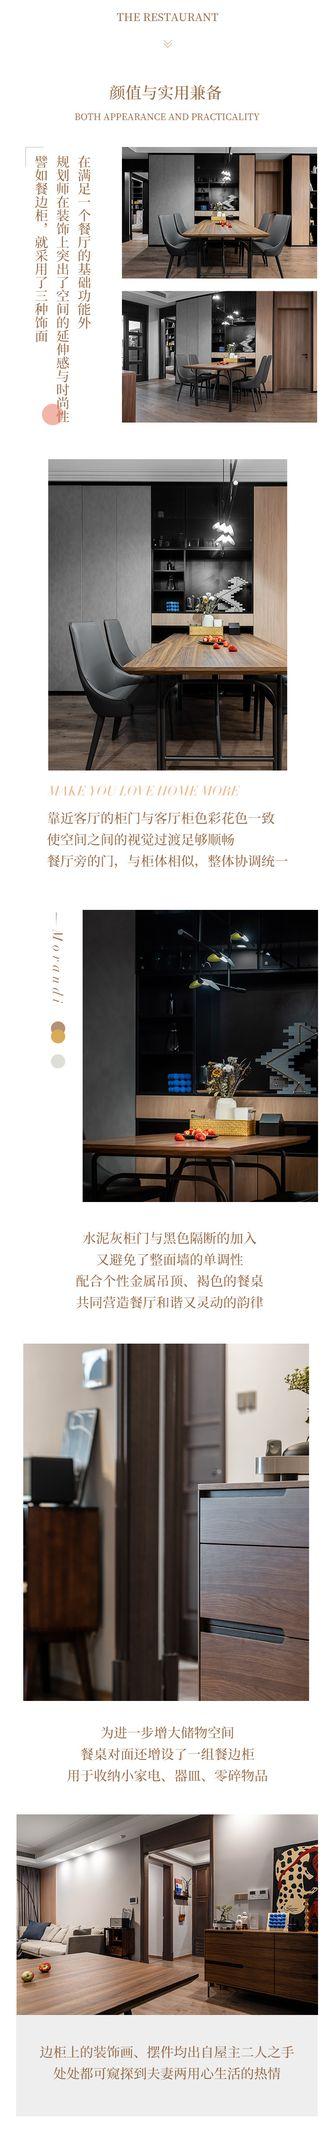 现代简约风格餐厅欣赏图